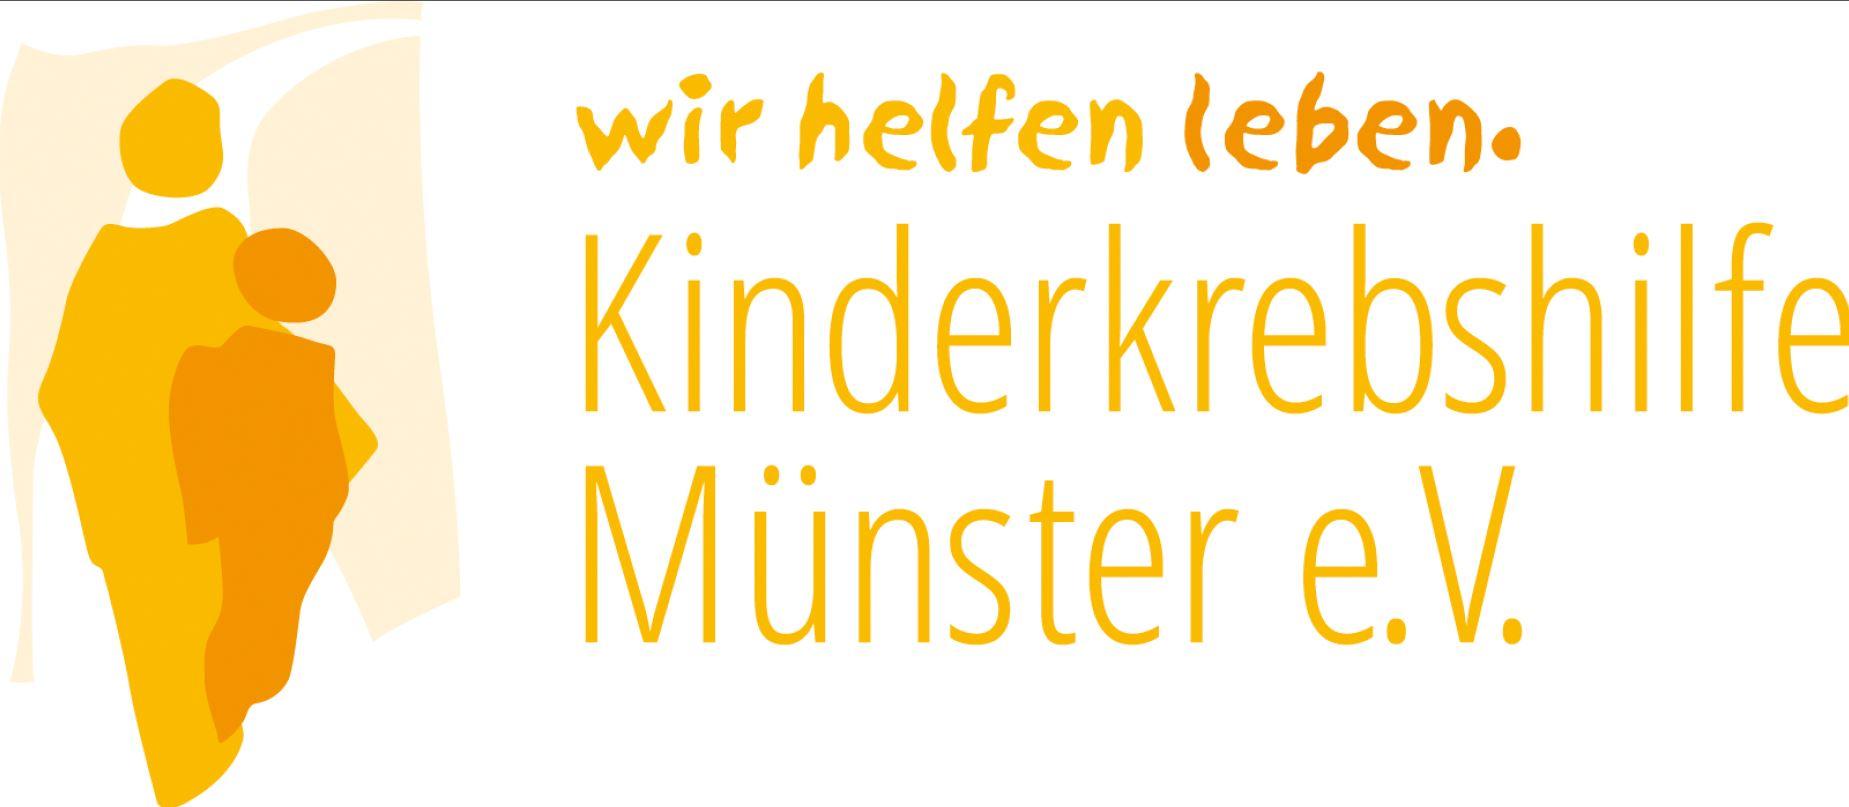 http://www.kinderkrebshilfe-muenster.de/